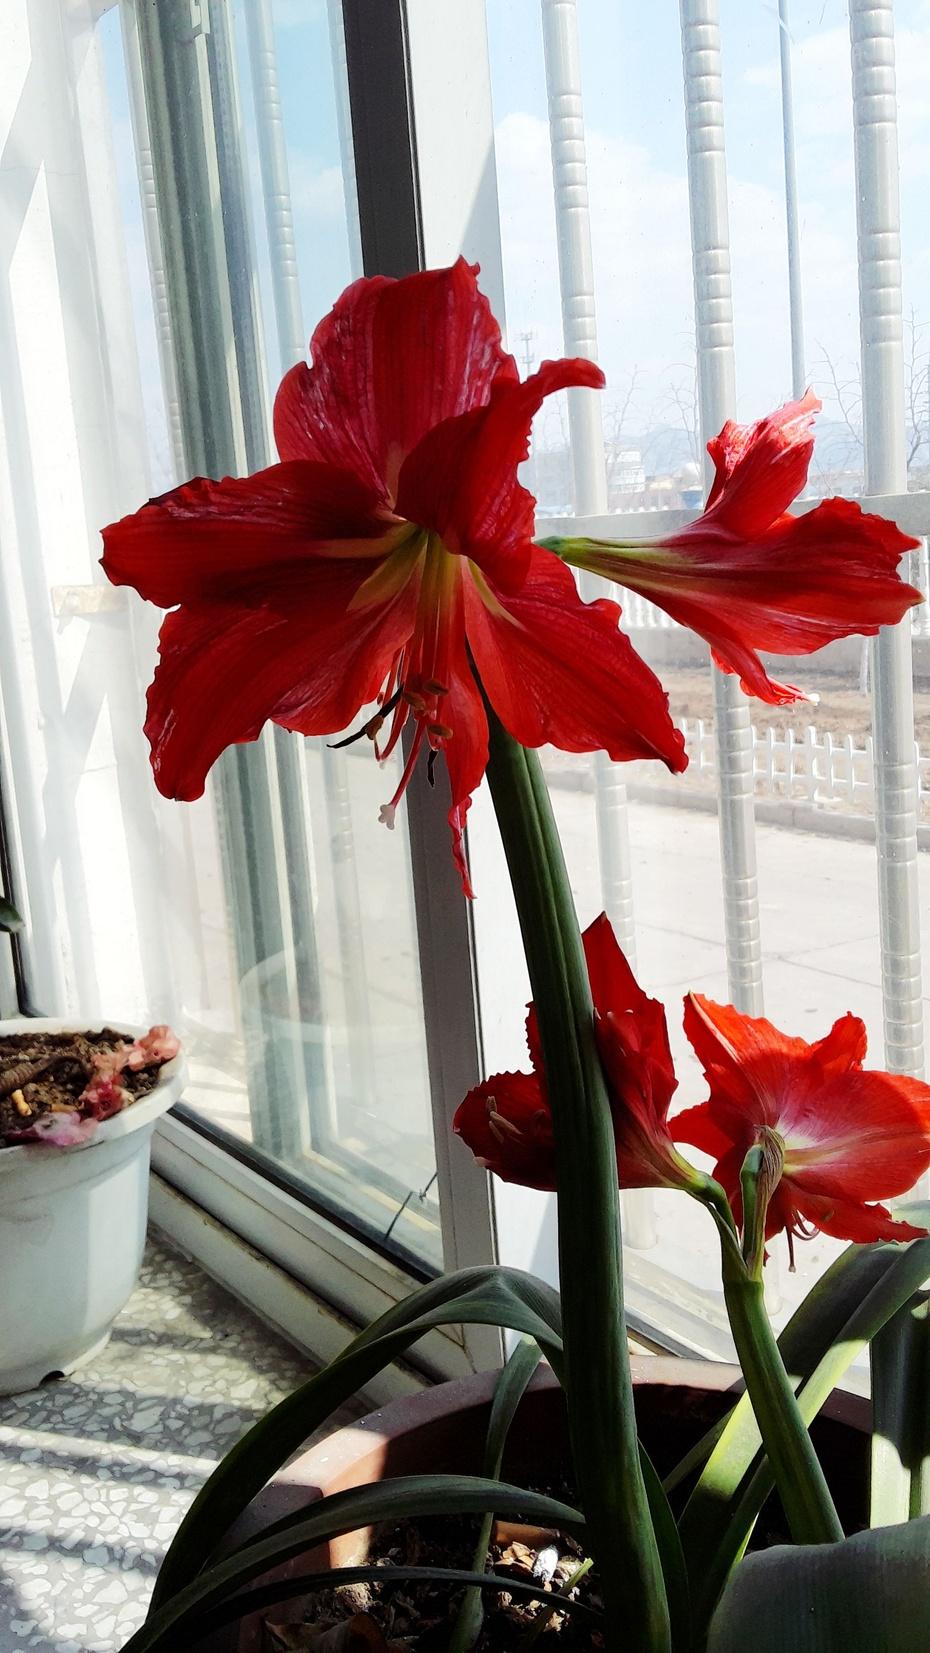 对红花开 - 淡淡云 - 淡淡云